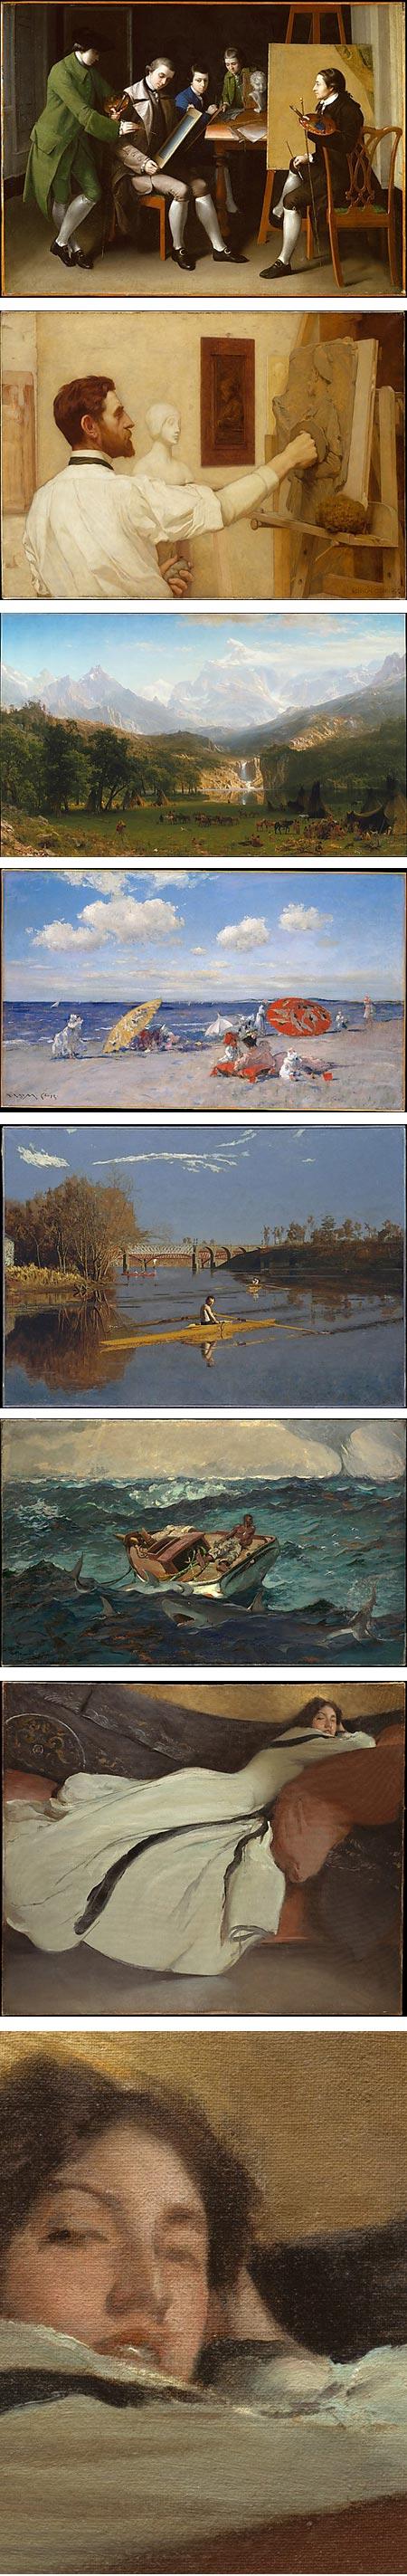 Met Museum's American Wing: Matthew Pratt, Kenyon Cox, Albert Bierstadt, William Merritt Chase, Thomas Eakins, Winslow Homer, John White Alexander